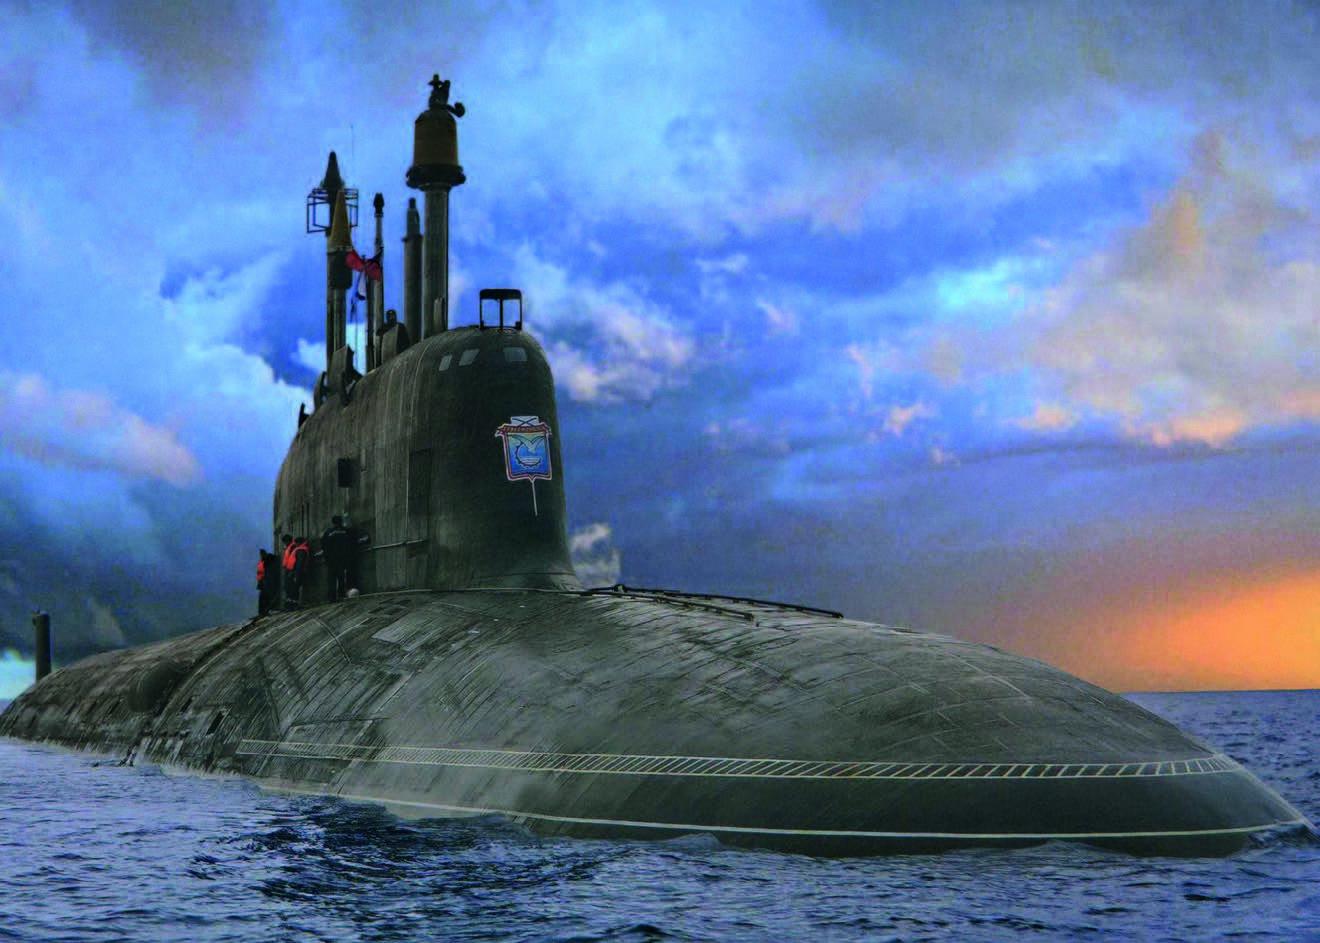 варшавянка подводная лодка 885